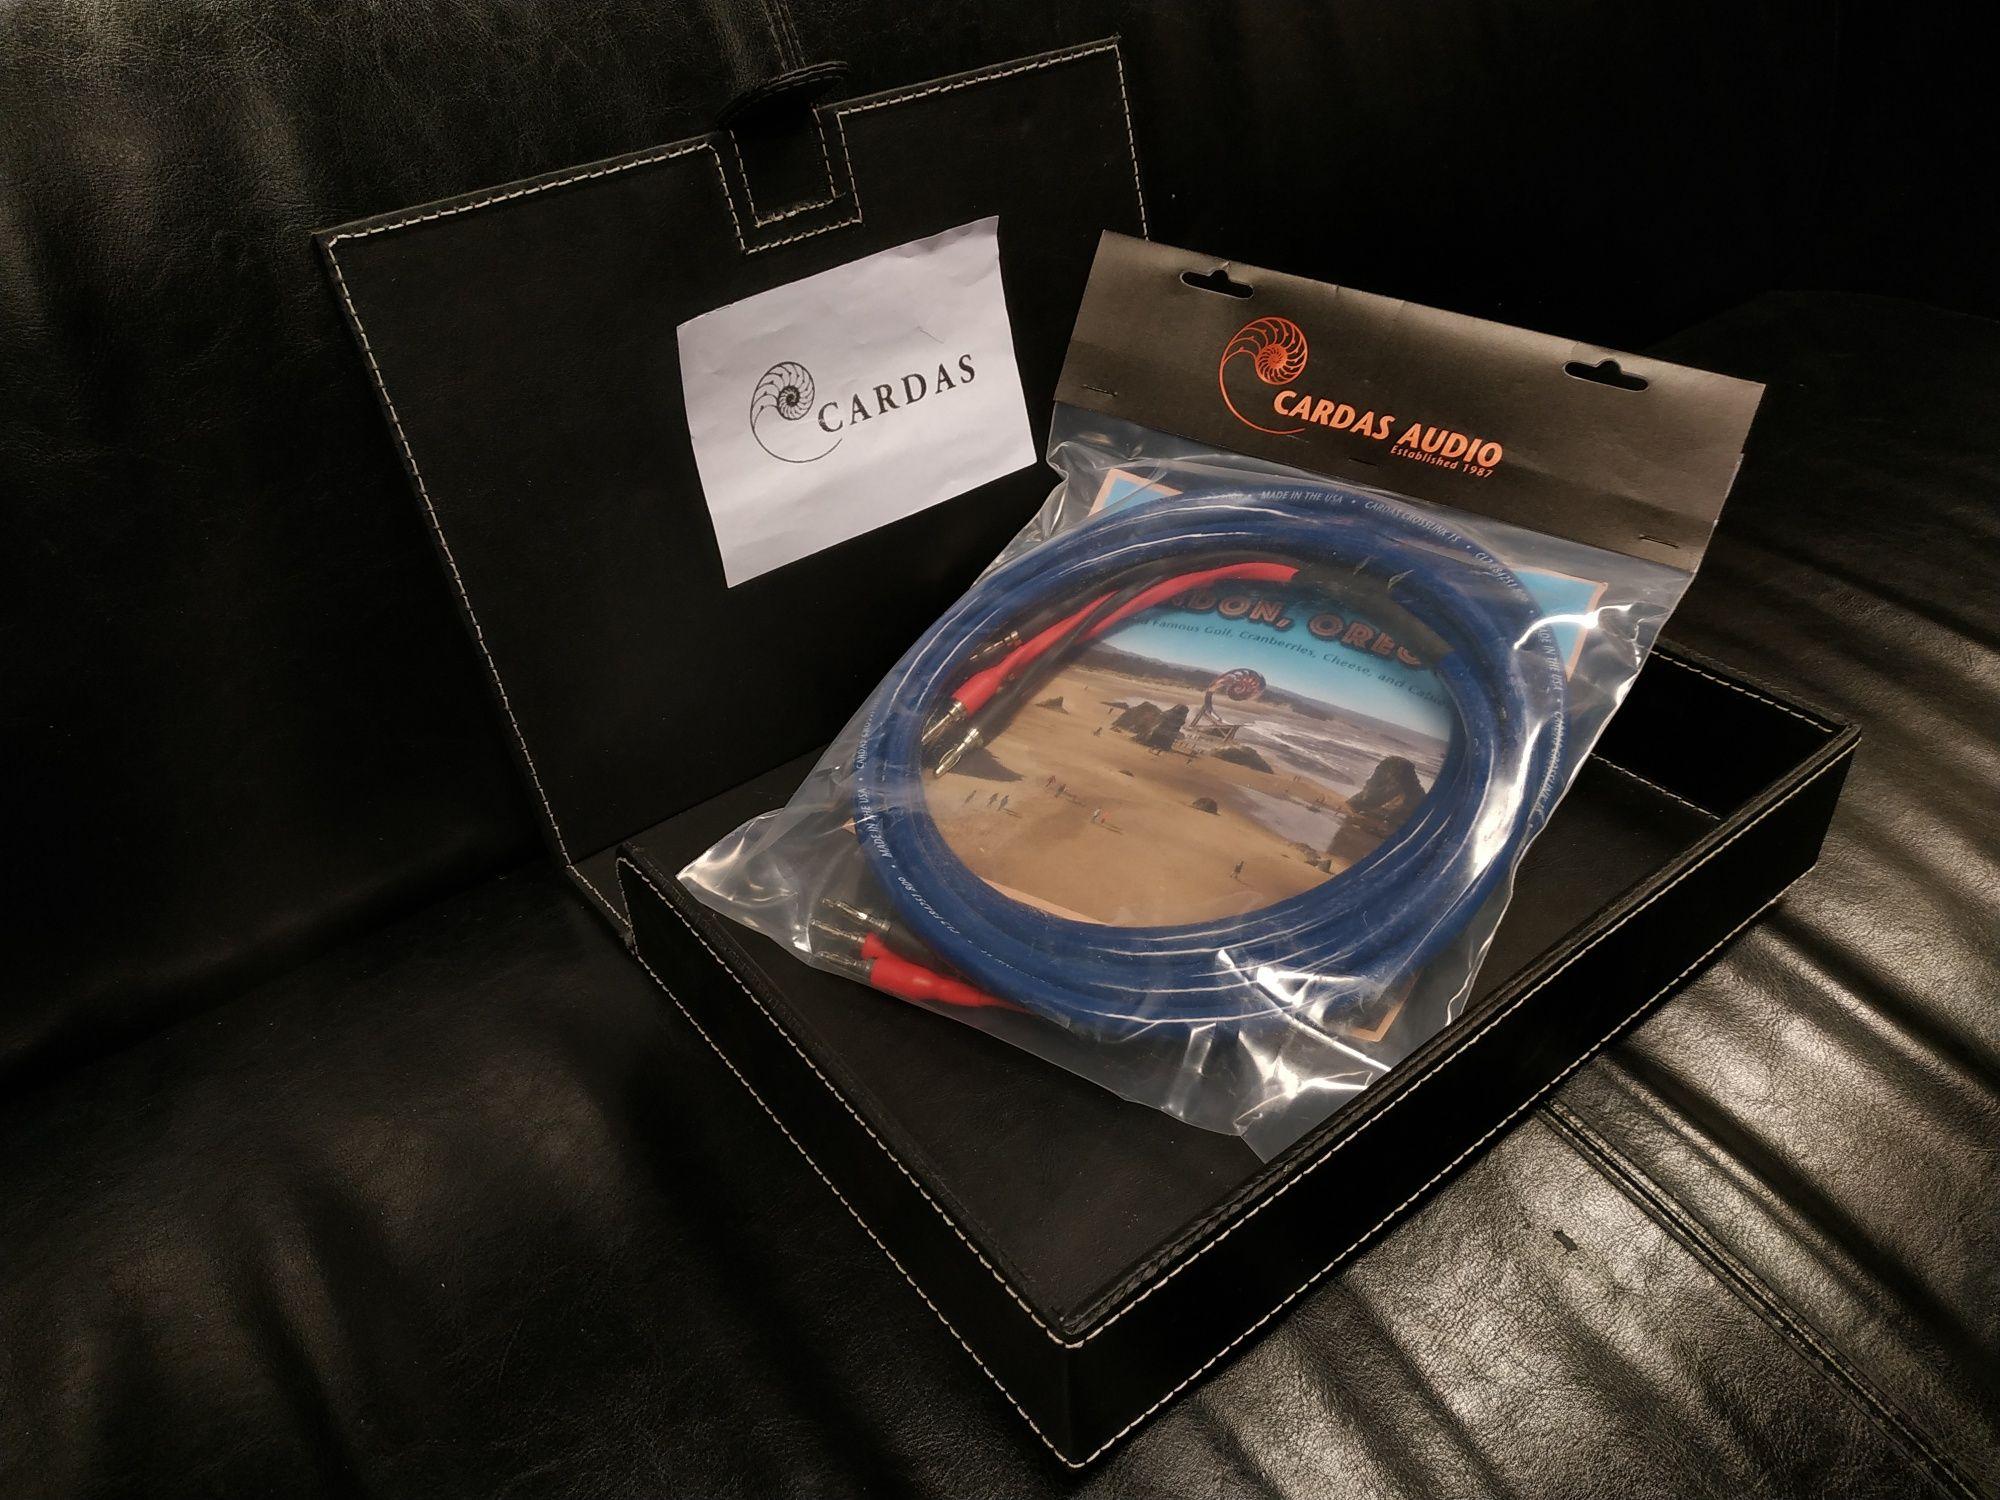 Cardas Crosslink kable głośnikowe konfekcja oferta Trans Audio Hi-Fi